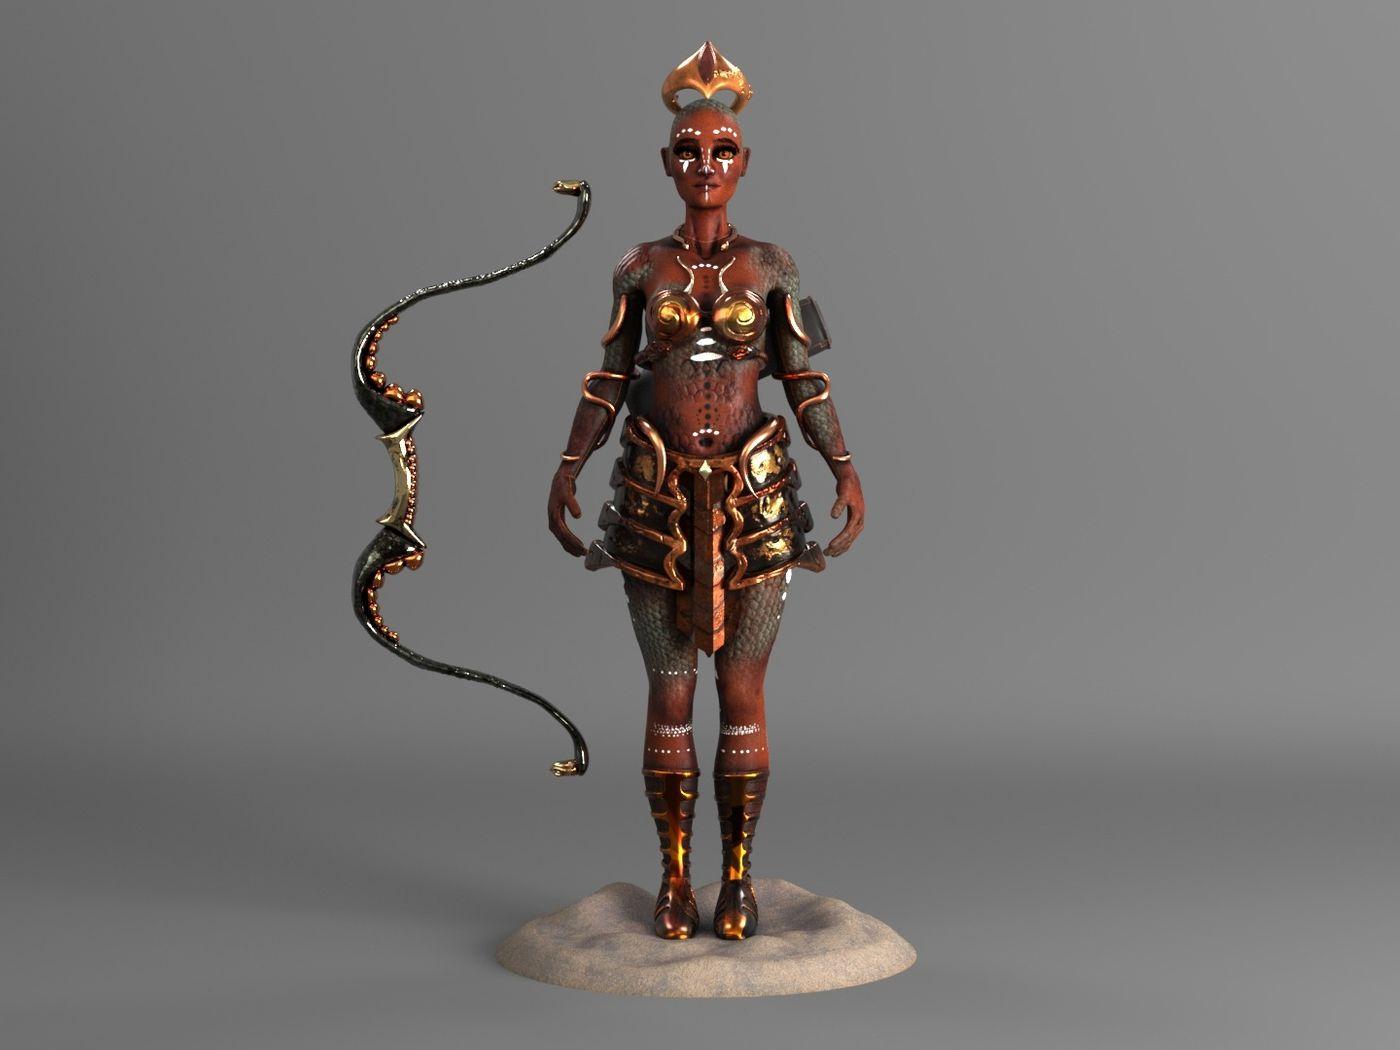 Medusa, The Defender of Snakes